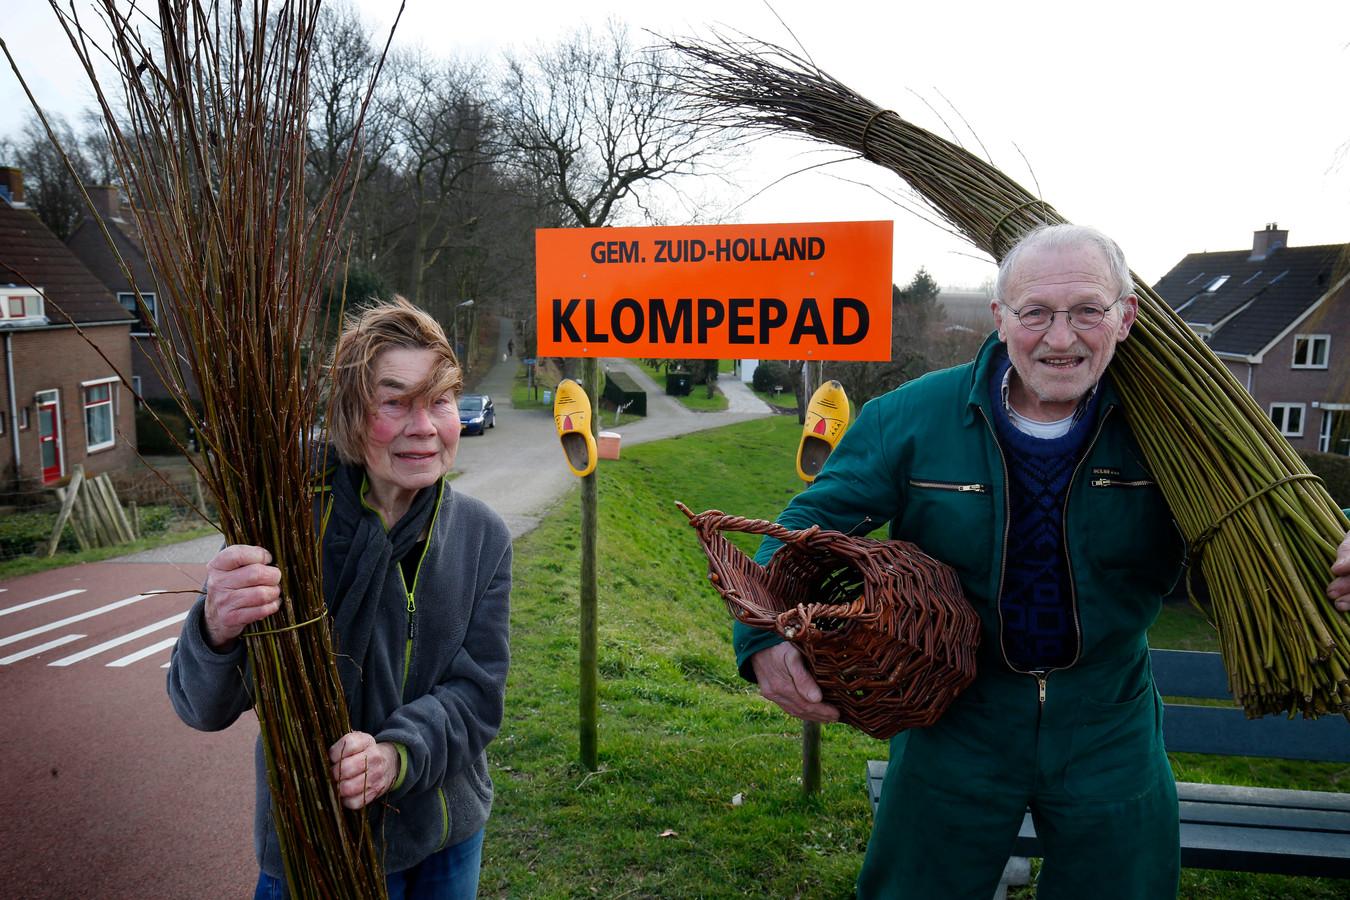 Stil protest in Tienhoven aan de Lek: een bord met Zuid-Holland erop.